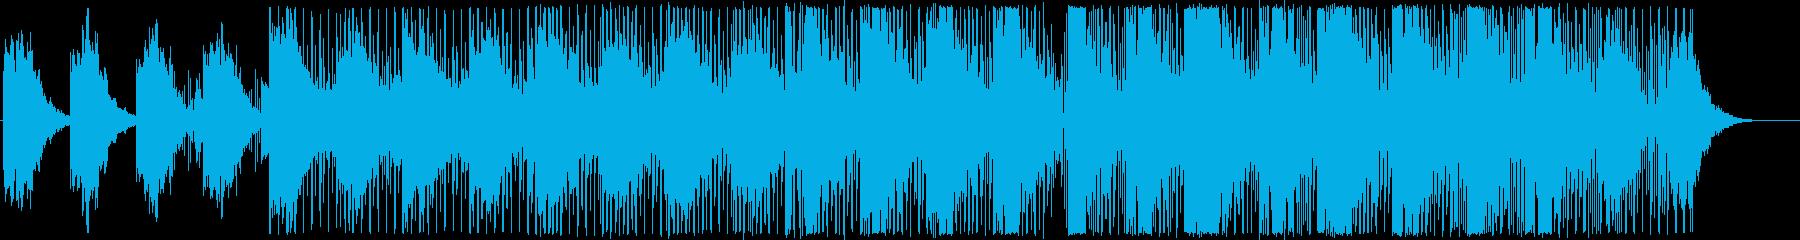 インフォグラフィックに浮遊感のあるBGMの再生済みの波形